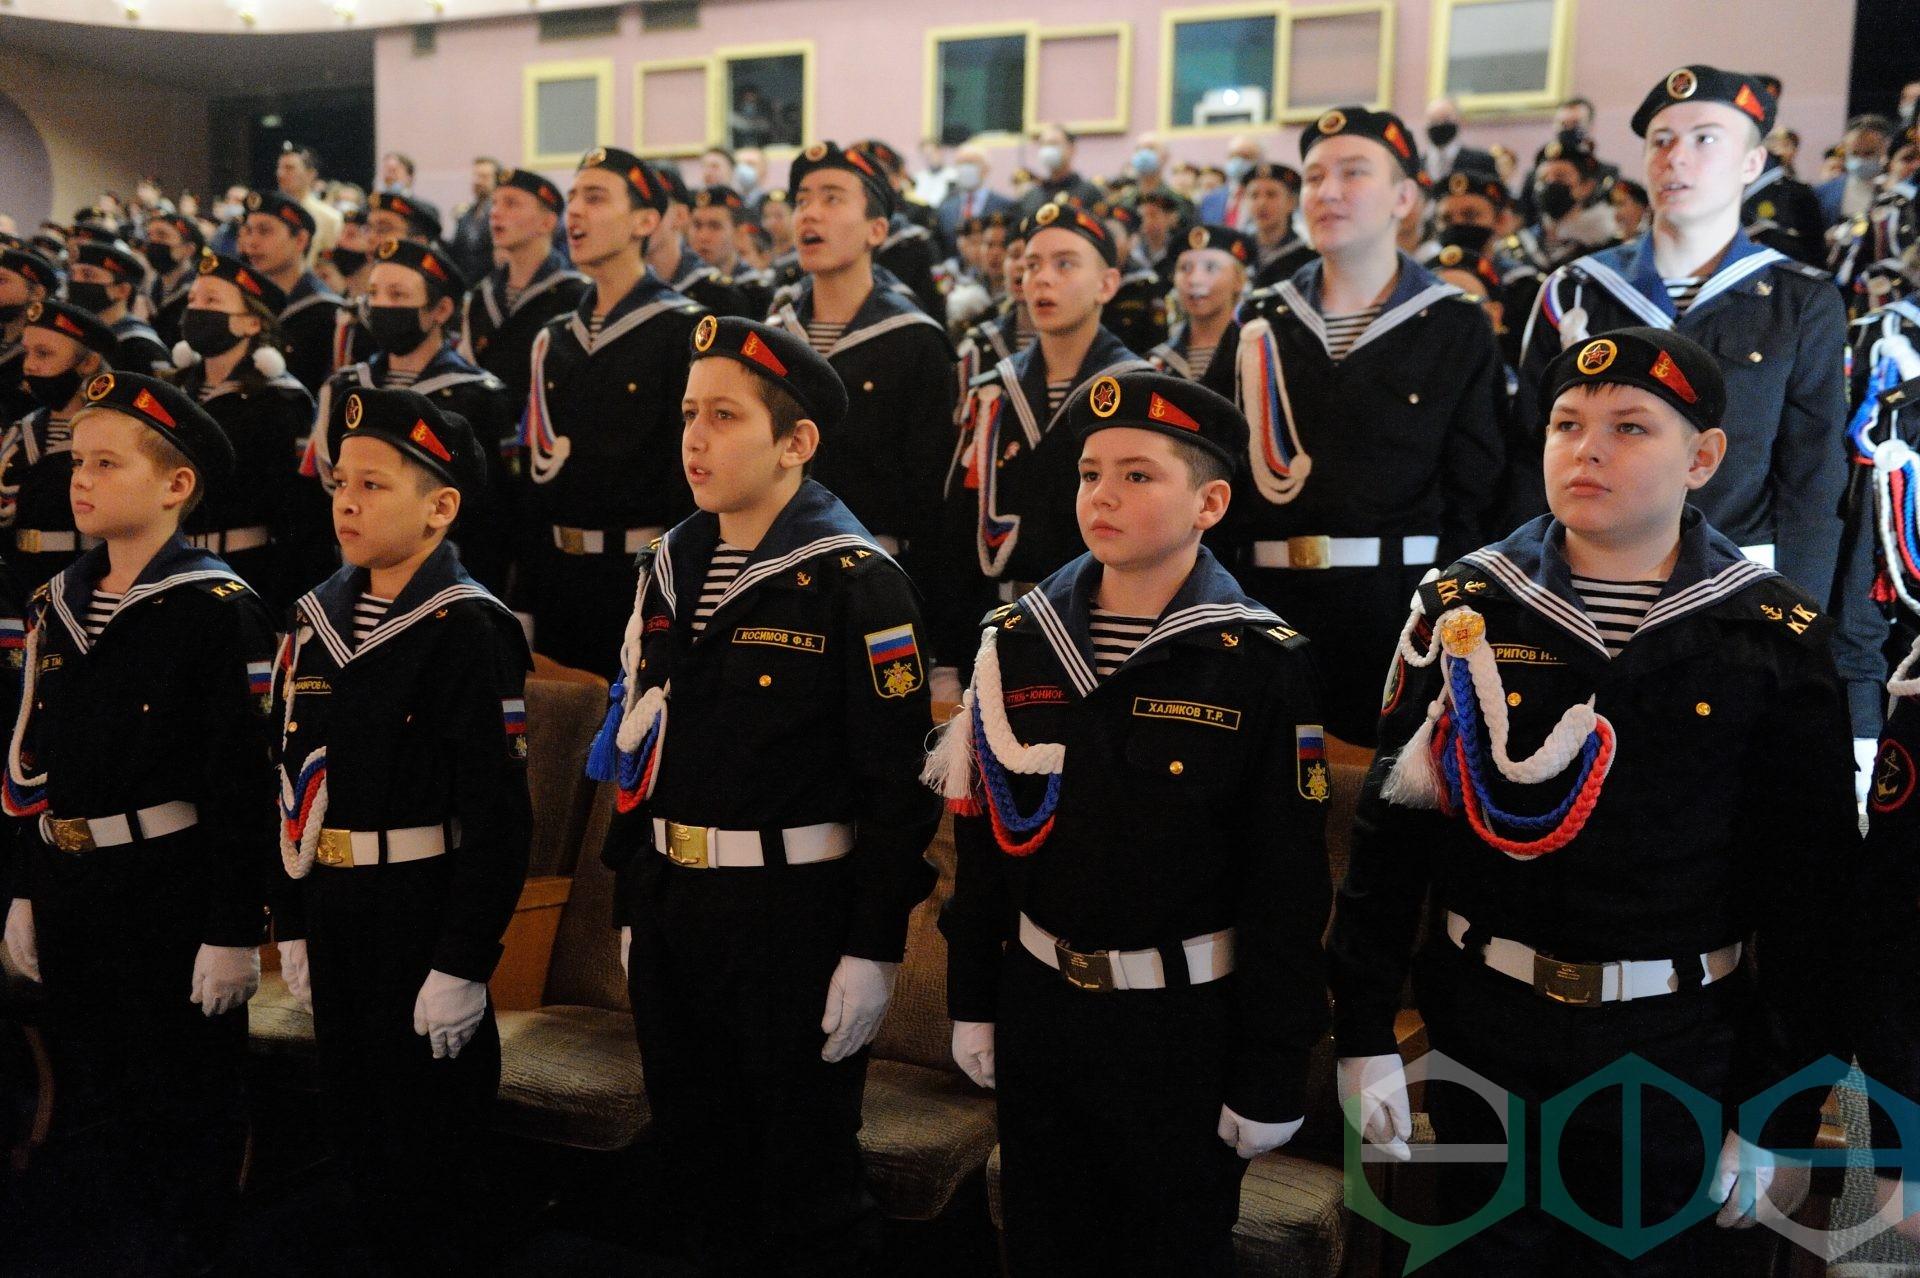 В Уфе состоялось посвящение в кадеты республиканского военно-патриотического кадетского центра морской пехоты «Витязь-юниор»